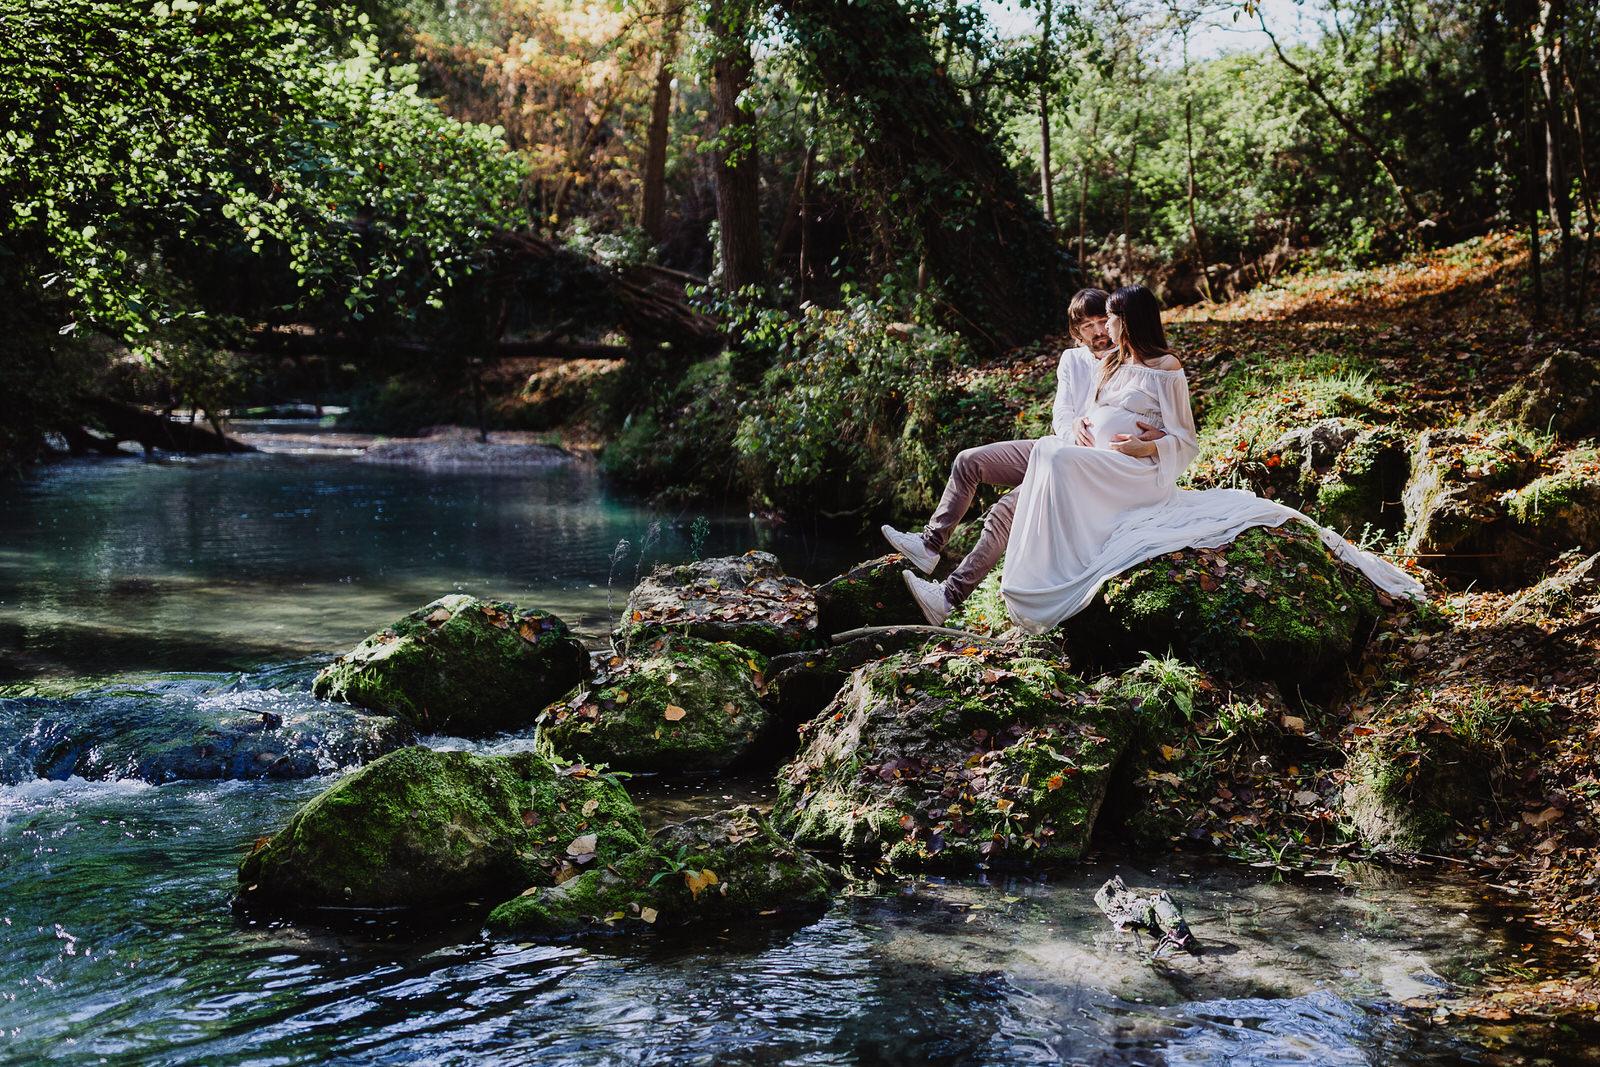 Il fiume incantato di San Vittore